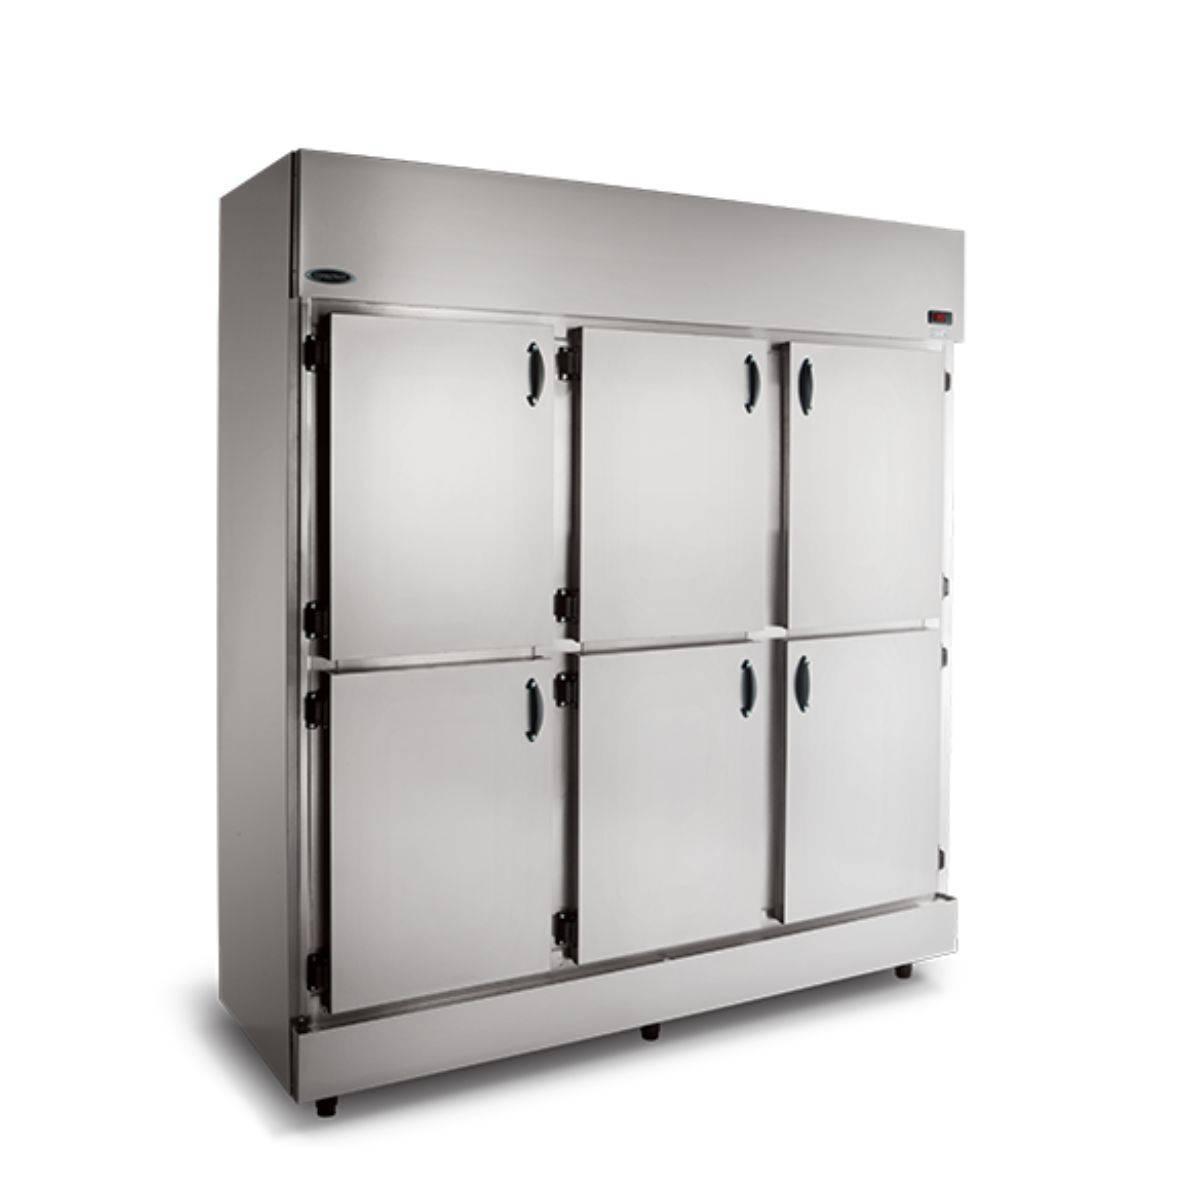 Geladeira Comercial 6 Portas Inox RC-6 Conservex - Magazine do Chef